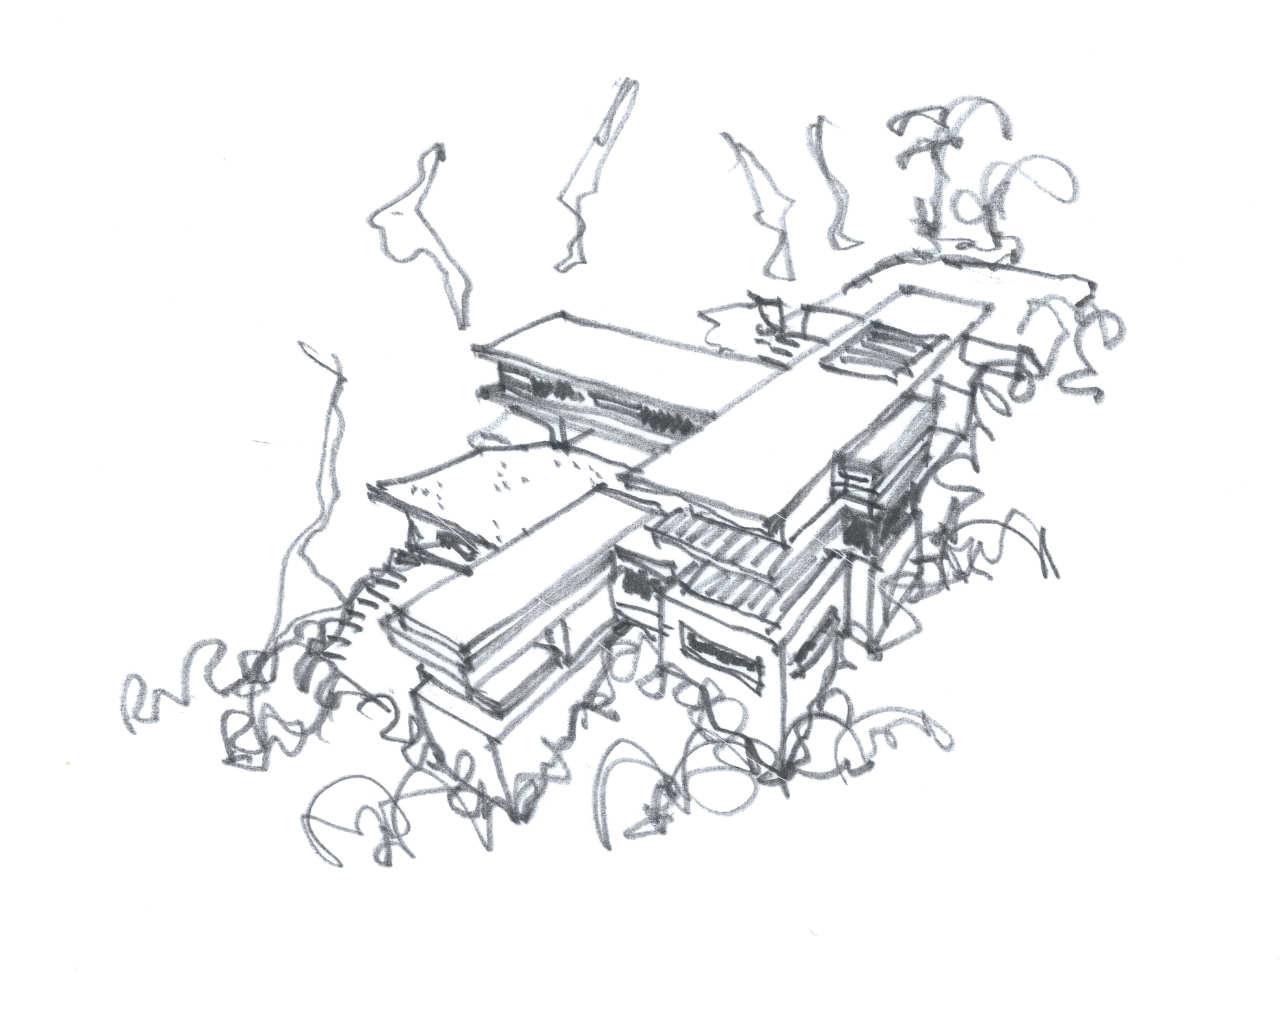 1294675624-sketch